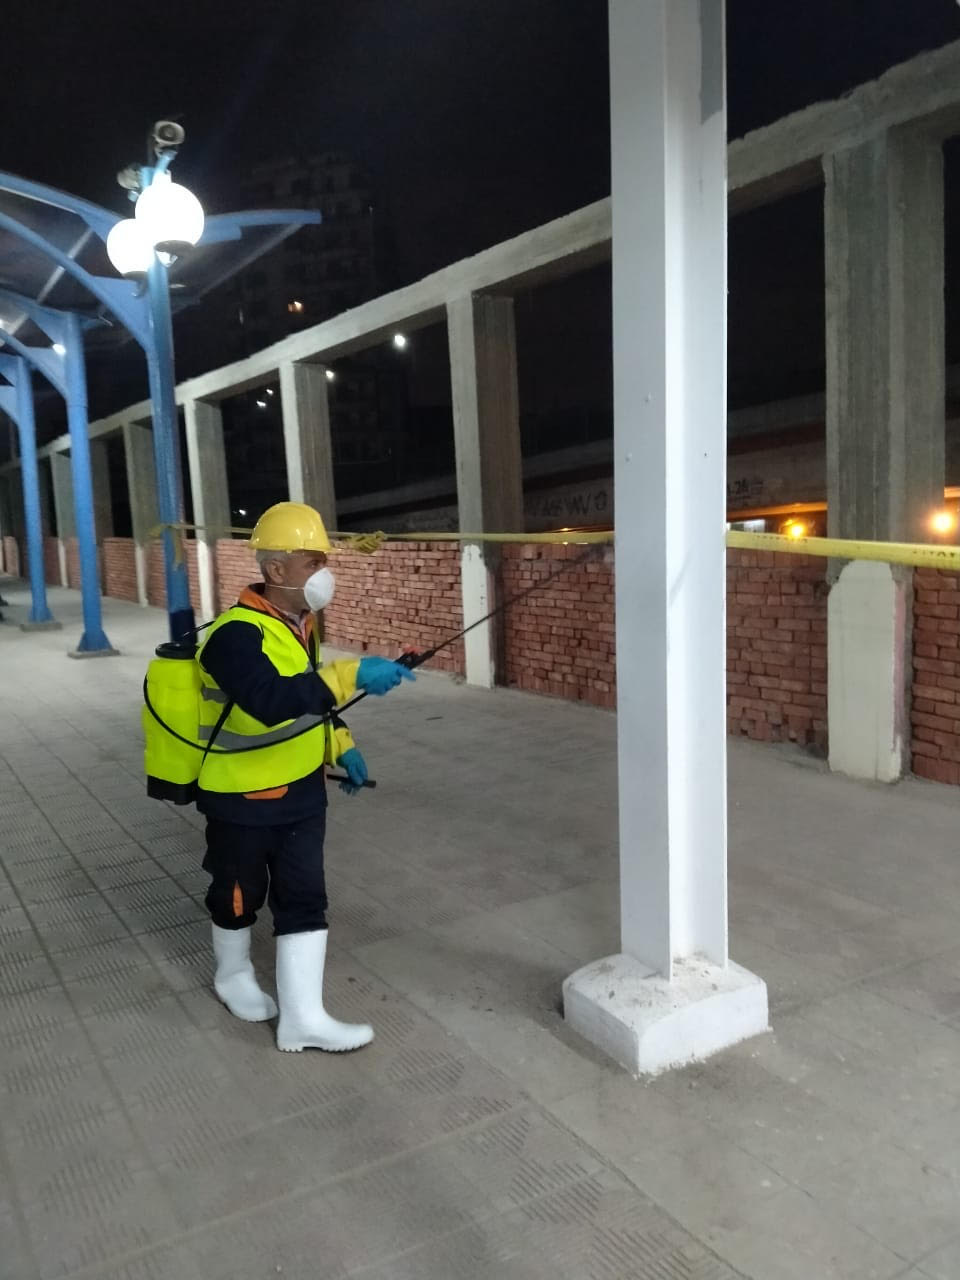 المترو يواصل أعمال تعقيم وتطهير القطارات والمحطات ضد كورونا (35)